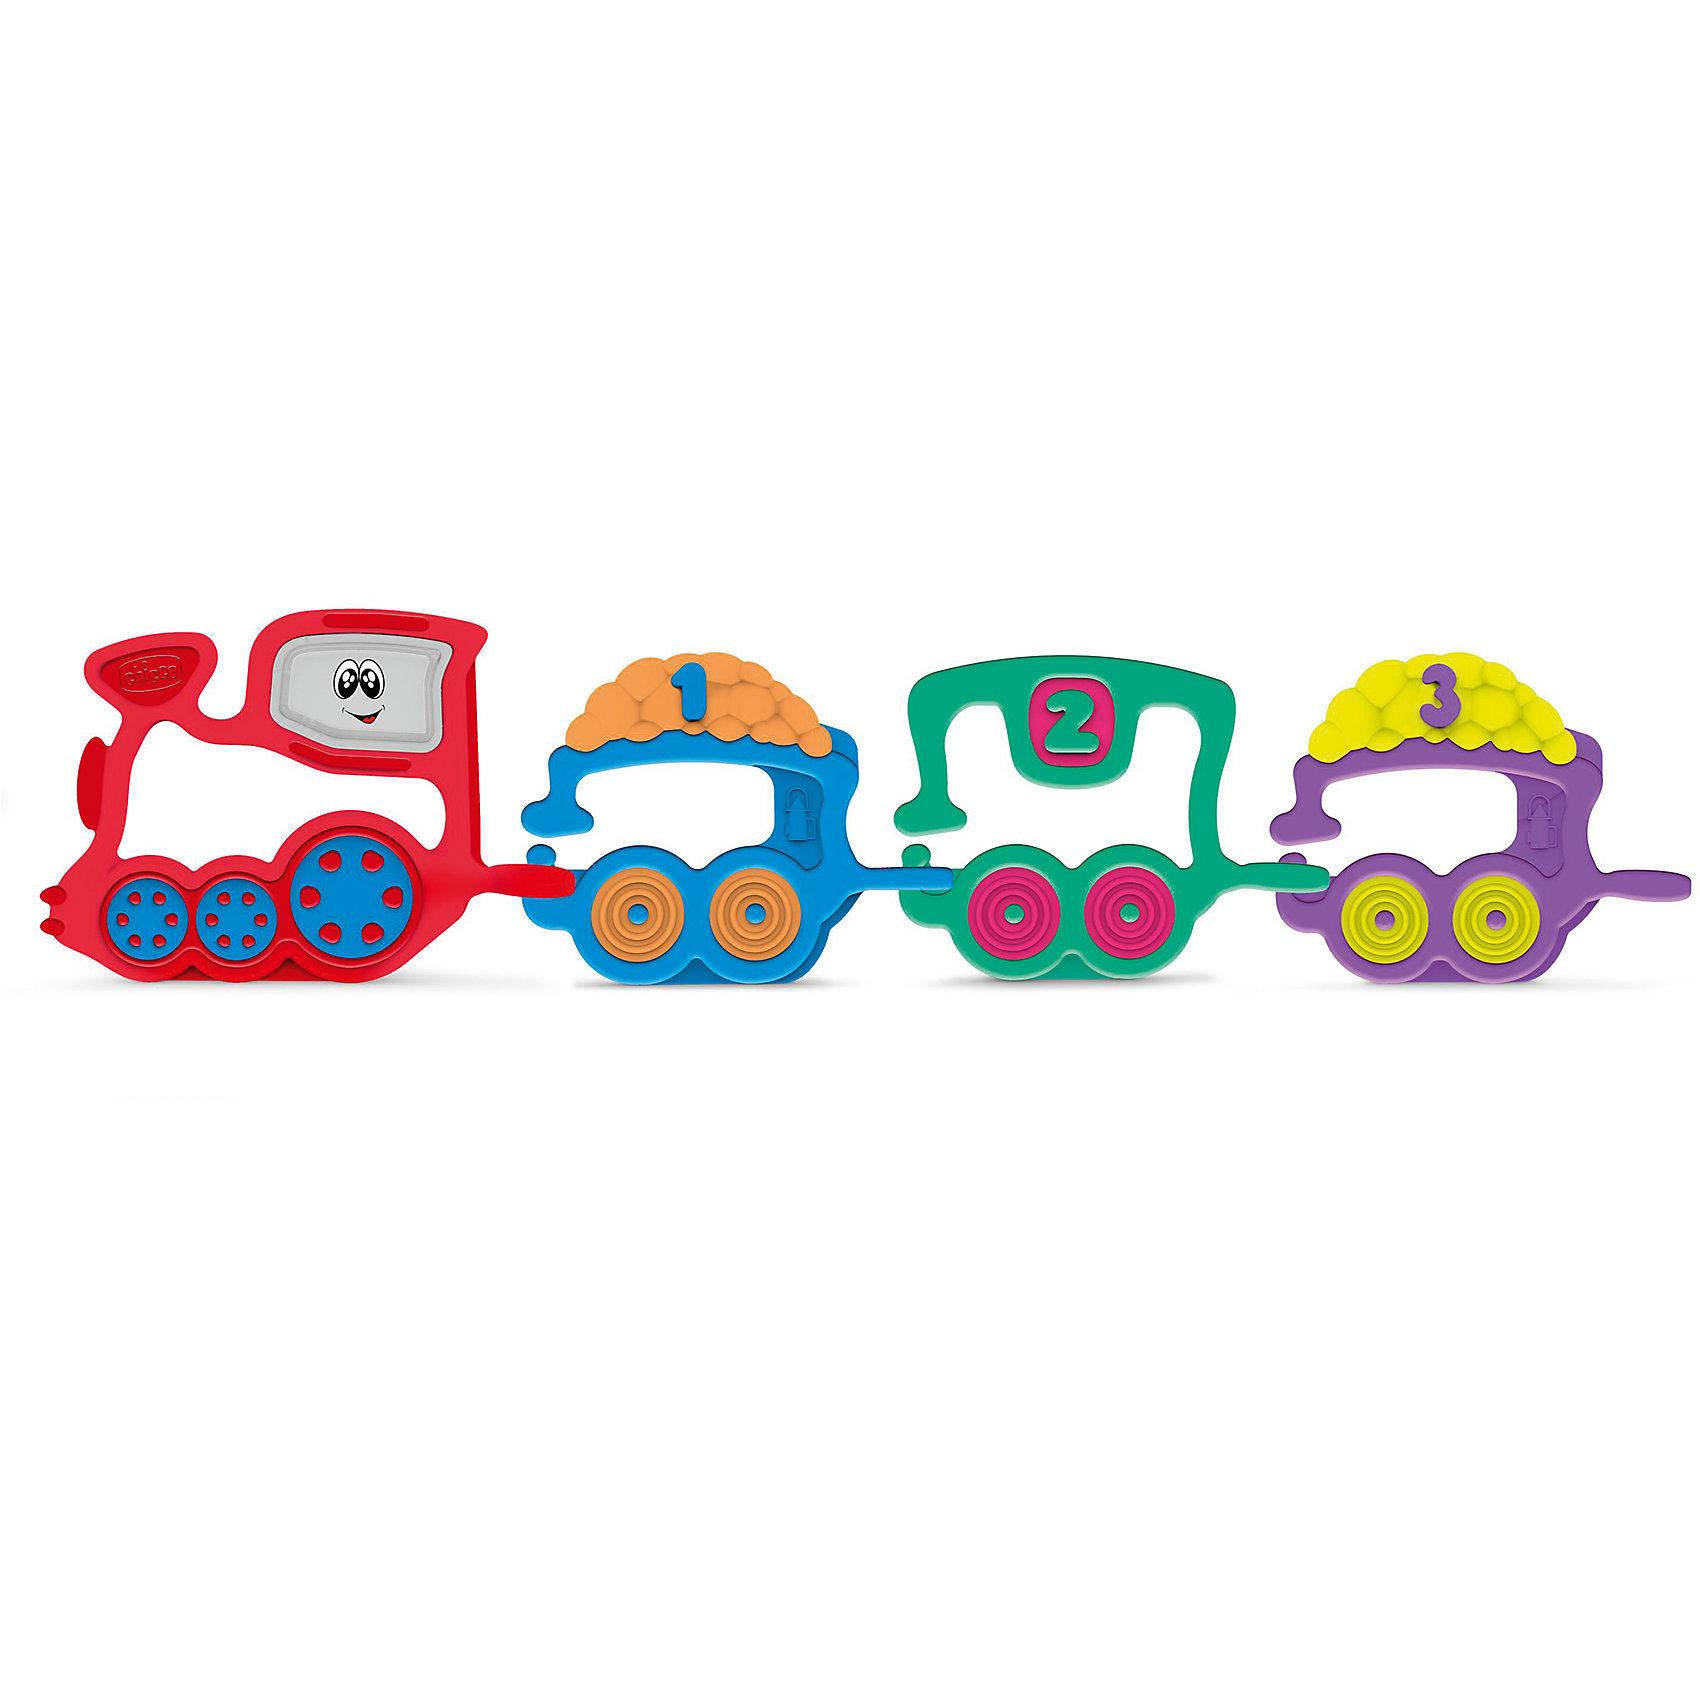 Погремушка Поезд, CHICCOПогремушки<br>Погремушка Поезд, CHICCO (ЧИКО) – это яркая развивающая игрушка для вашего малыша.<br>Разноцветная погремушка Поезд, от Chicco (Чико) идеально подходит для развития малышей. Она состоит из локомотива и трех вагончиков. Вагоны пронумерованы. Соединяя локомотив и 3 вагона, ребенок создаст забавный поезд и научится считать до 3. Погремушку удобно хватать и держать. Игрушка легкая по весу, с ней будет легко играть даже самым маленьким. Развивает координацию движения рук и мелкую моторику. Изготовлена из мягкого пластика.<br><br>Дополнительная информация:<br><br>- Материал: пластик<br>- Размер упаковки: 200х240х25 мм.<br>- Вес: 183 гр.<br><br>Погремушку Поезд, CHICCO (ЧИКО) можно купить в нашем интернет-магазине.<br><br>Ширина мм: 200<br>Глубина мм: 240<br>Высота мм: 25<br>Вес г: 183<br>Возраст от месяцев: 3<br>Возраст до месяцев: 24<br>Пол: Унисекс<br>Возраст: Детский<br>SKU: 4577228